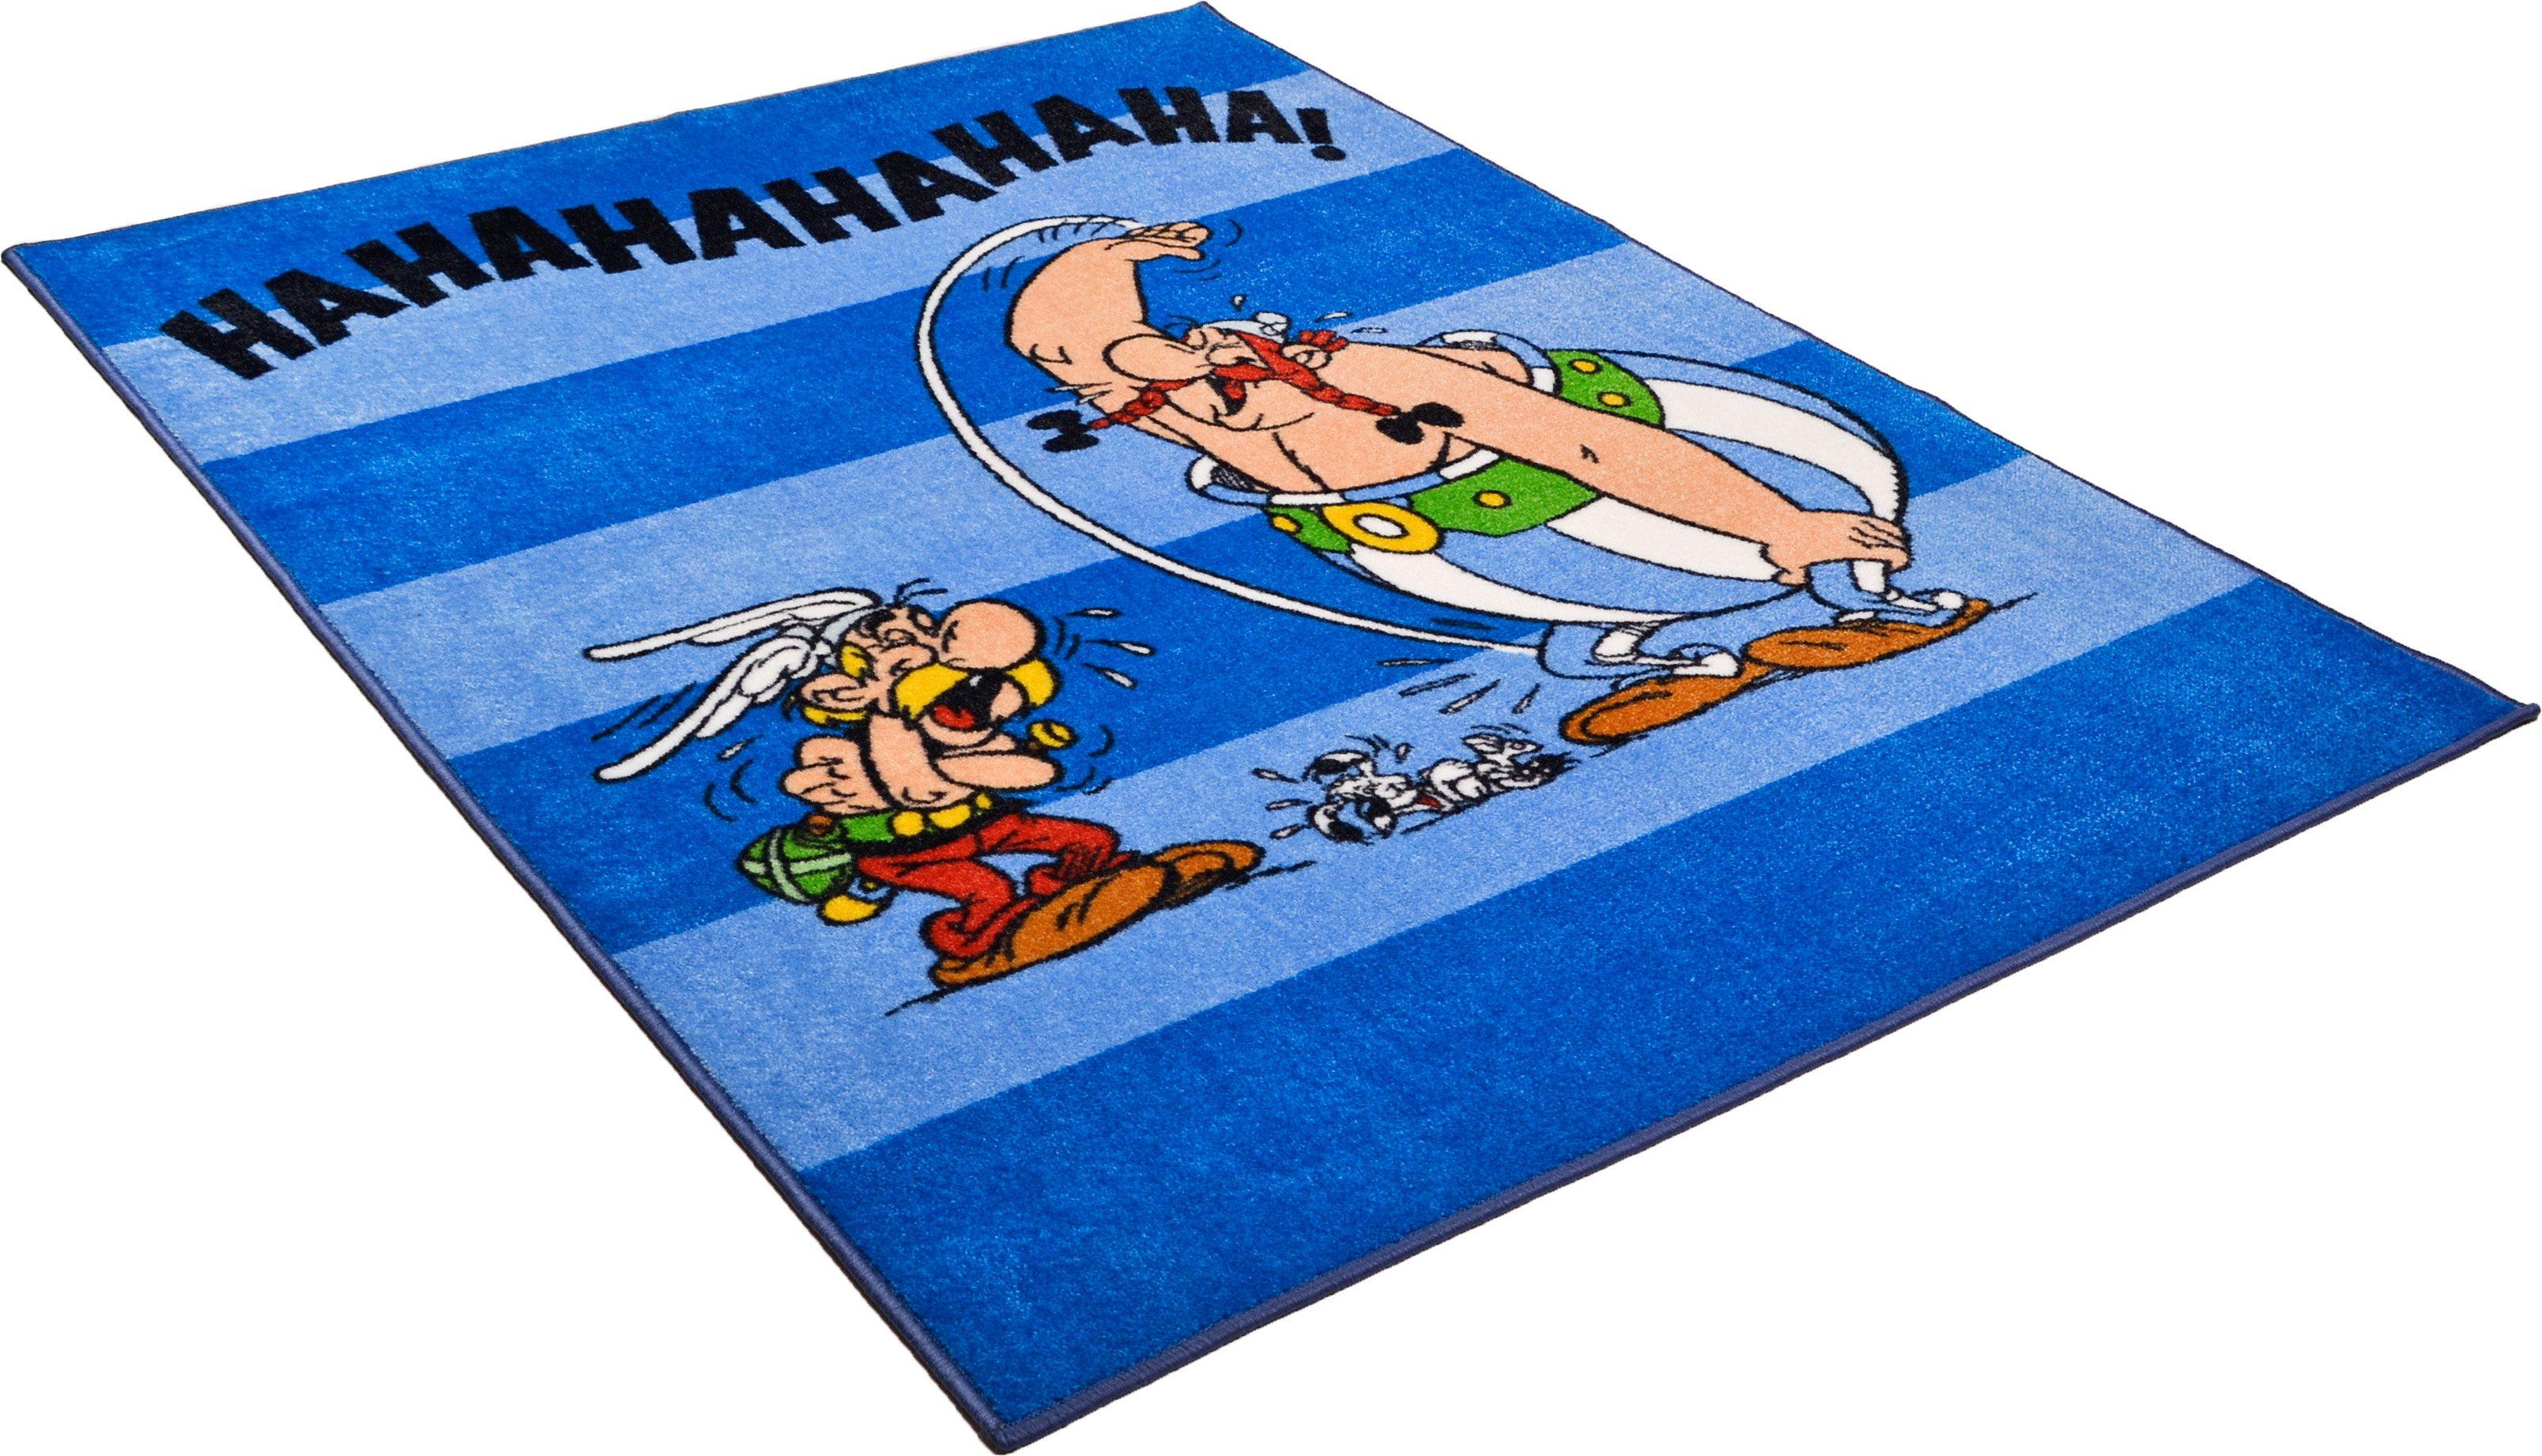 Kinder-Teppich, Asterix, »Die lustigen Gallier«